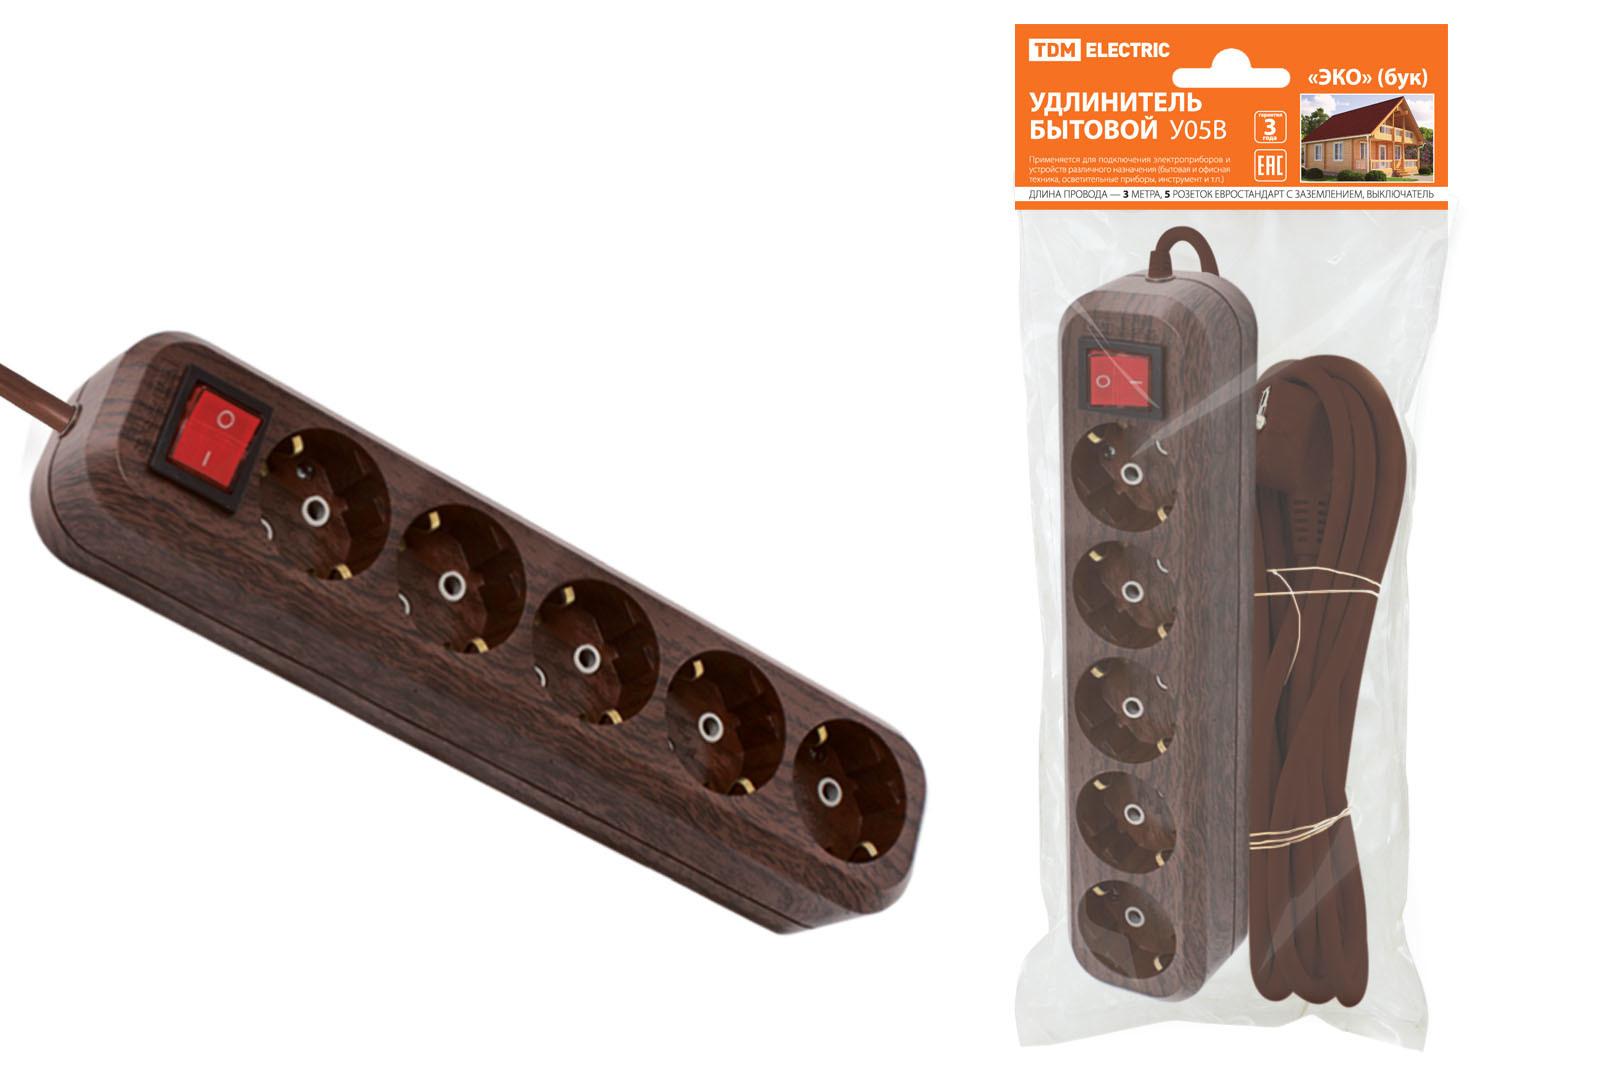 Удлинитель бытовой У05В выключатель, 5 гнезд, 3метра,2П+3, ПВС 3х1мм2 Эко